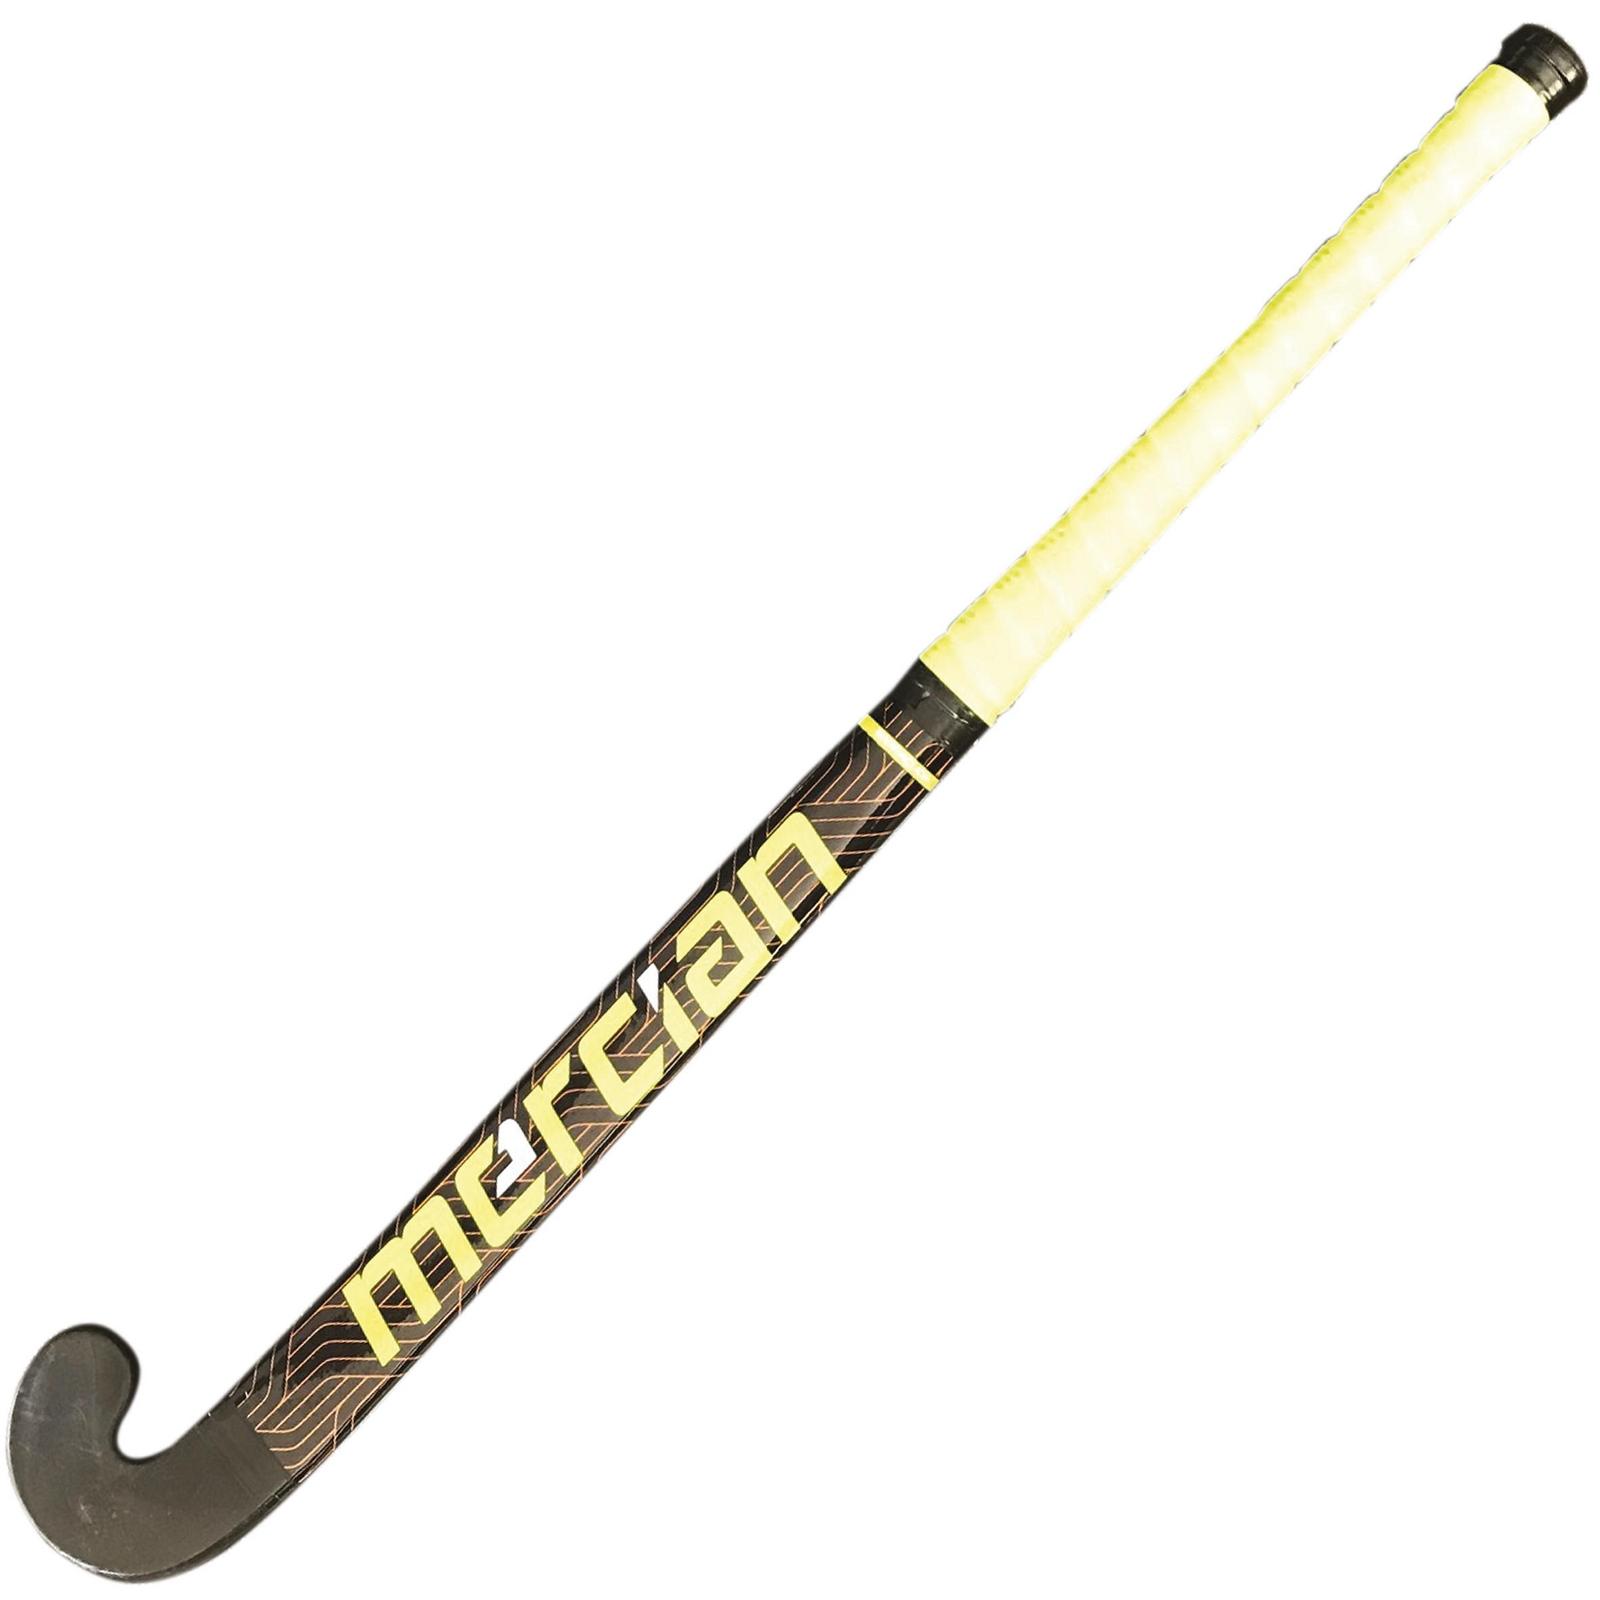 Mercian Barracuda Hockey Stick - 34in